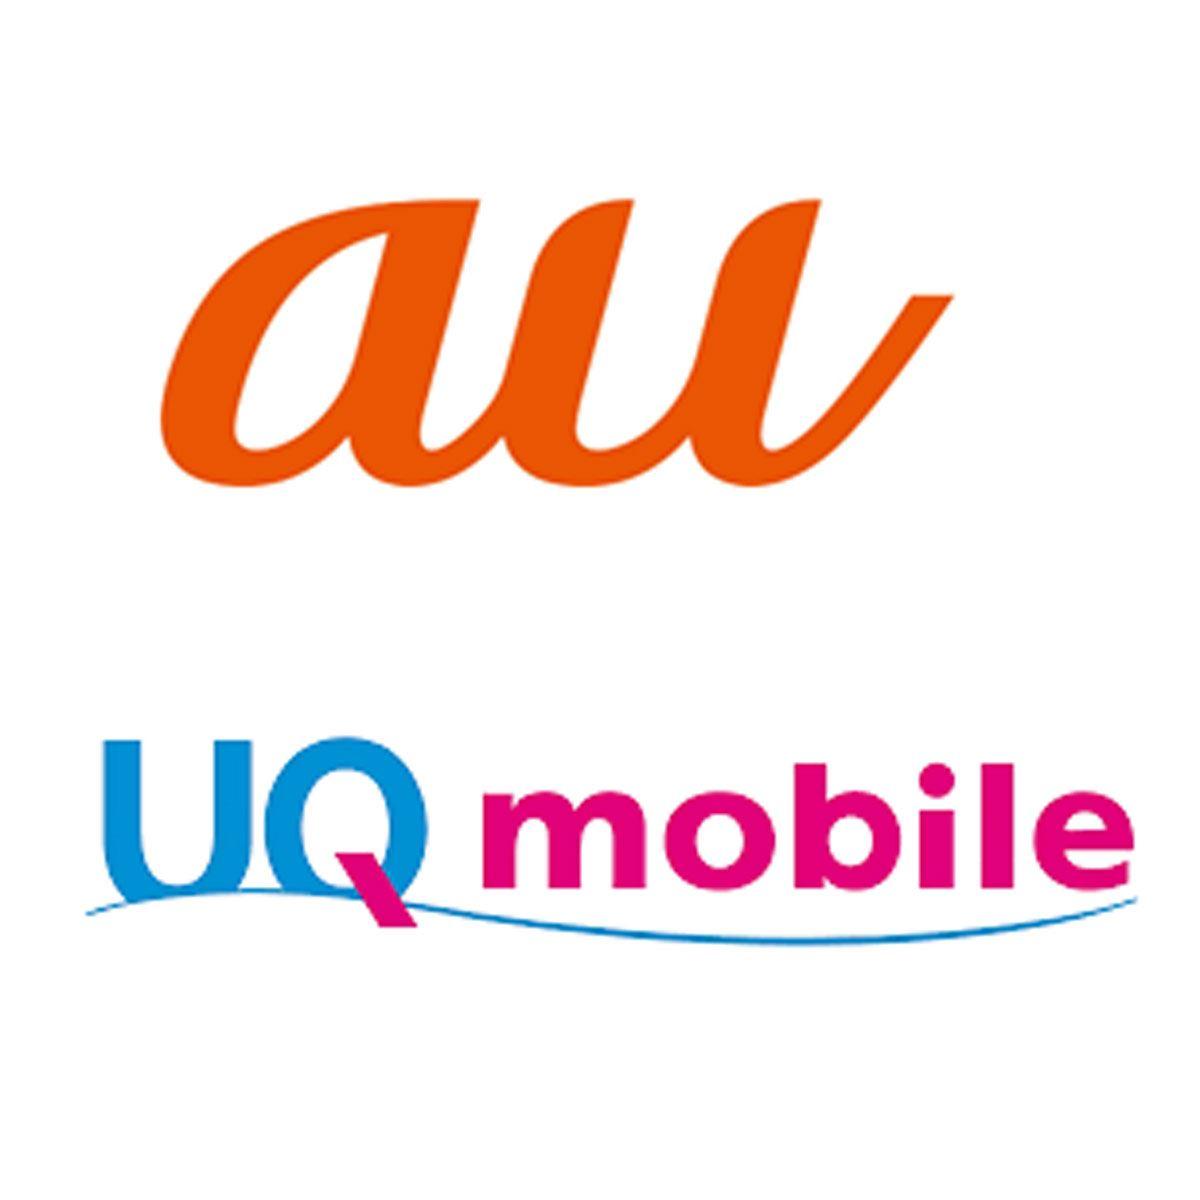 Uq 乗り換え au